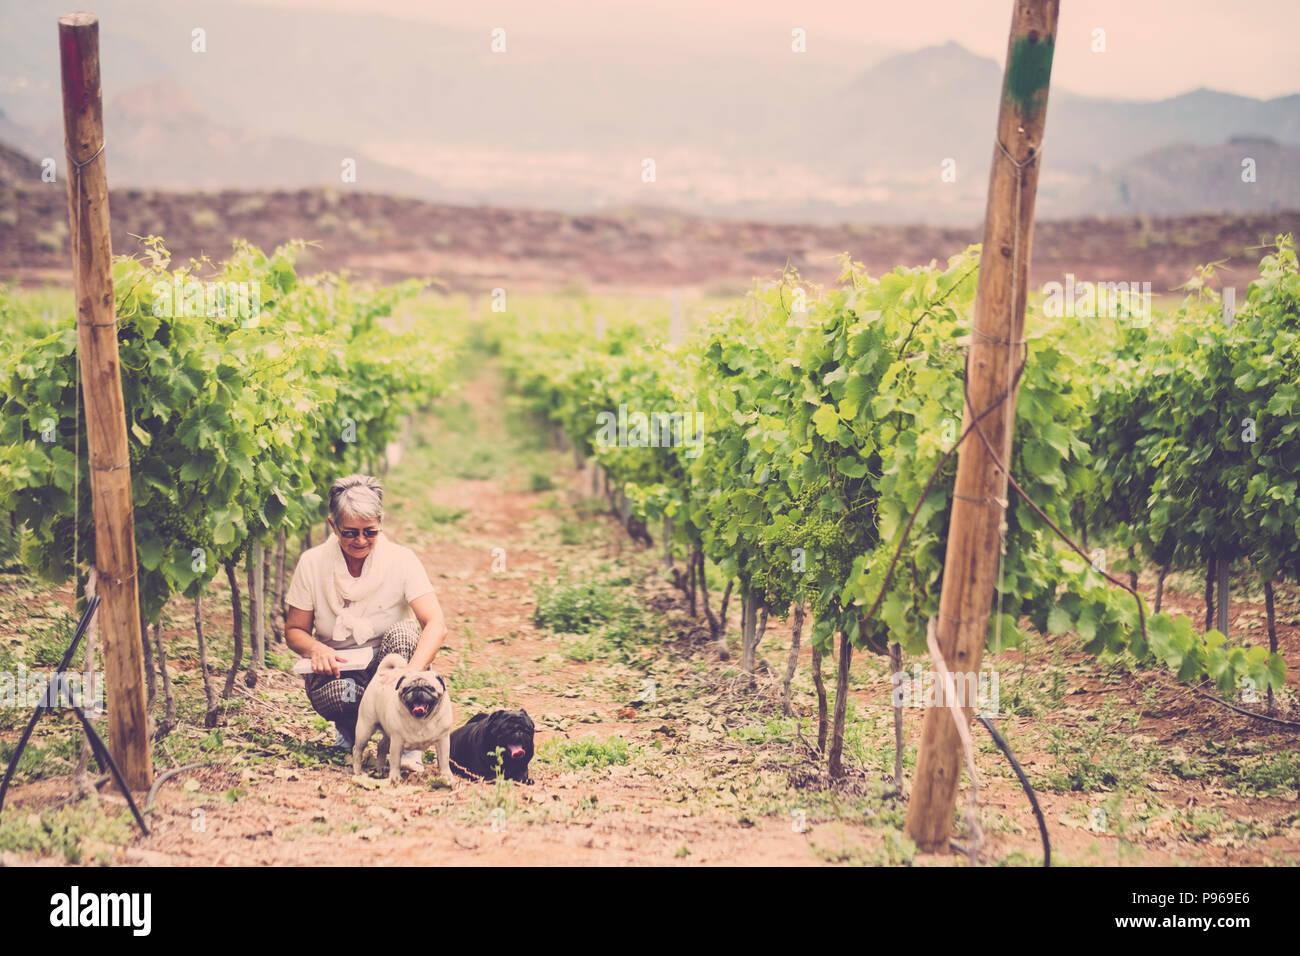 Image vintage avec portrait femme assise dans le vignoble avec ses deux meilleurs amis chien pug. activité de loisirs outdoor pour le groupe dans l'amour pour le bonheur. Photo Stock